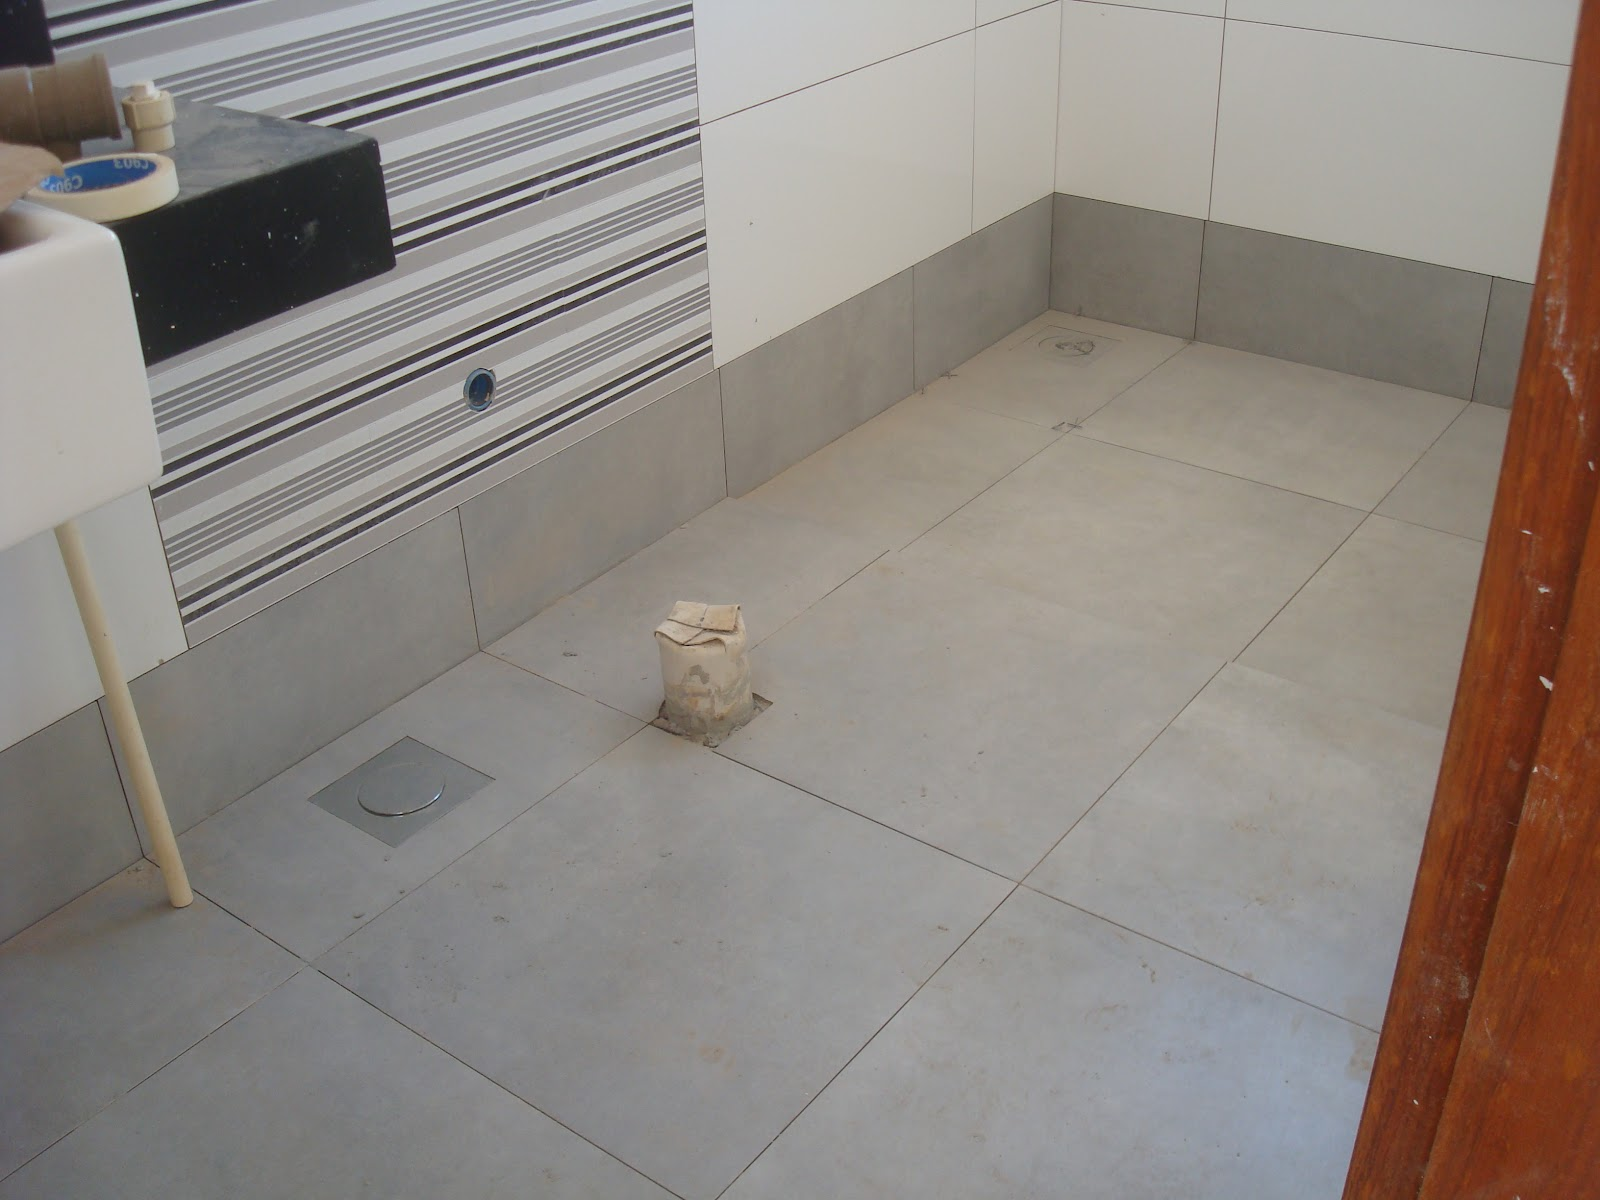 Olha no banheiro cinza como fica bonito quase desaparece! #71361E 1600x1200 Banheiro Branco Com Rejunte Cinza